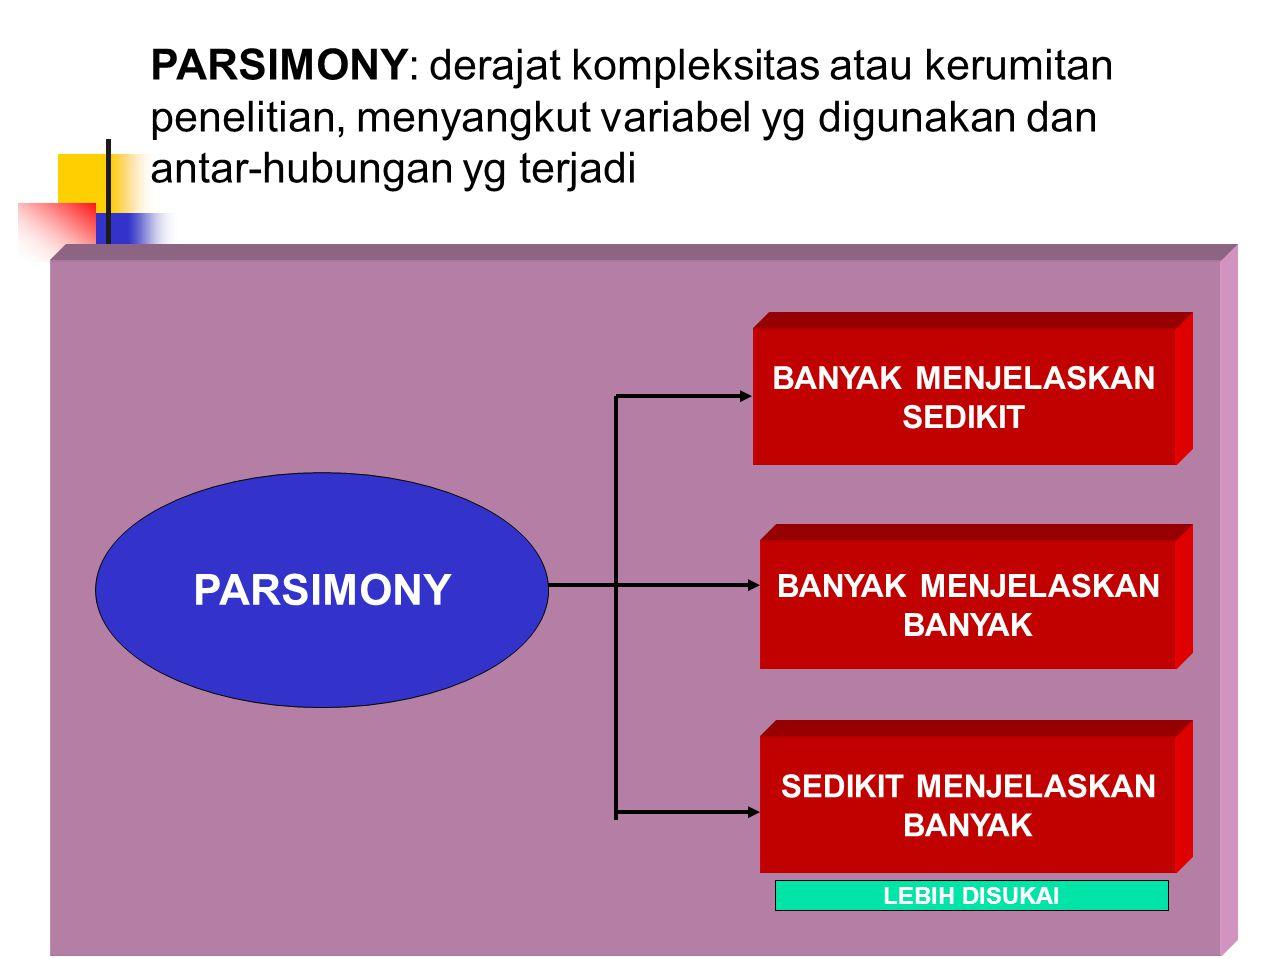 PARSIMONY: derajat kompleksitas atau kerumitan penelitian, menyangkut variabel yg digunakan dan antar-hubungan yg terjadi PARSIMONY BANYAK MENJELASKAN